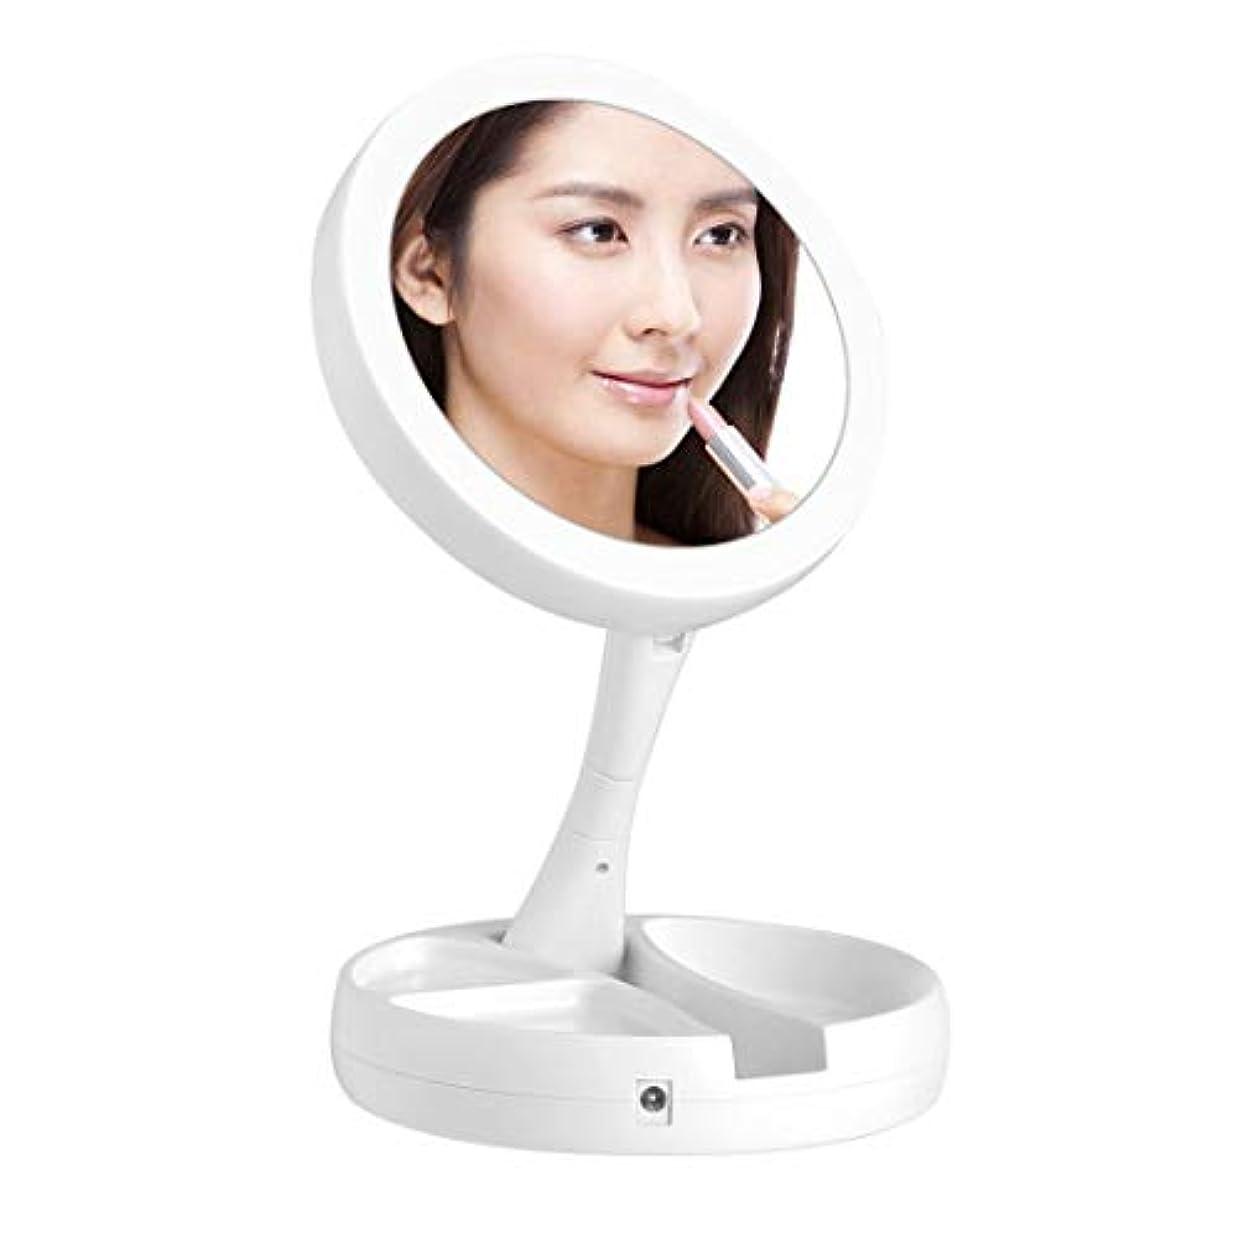 パフ歴史的サーカスkamaa化粧鏡 化粧ミラー 女優ミラー LED両面鏡 鏡 10倍拡大鏡付き 折り畳み式 卓上 テーブルランプUSB/電池給電 180°回転